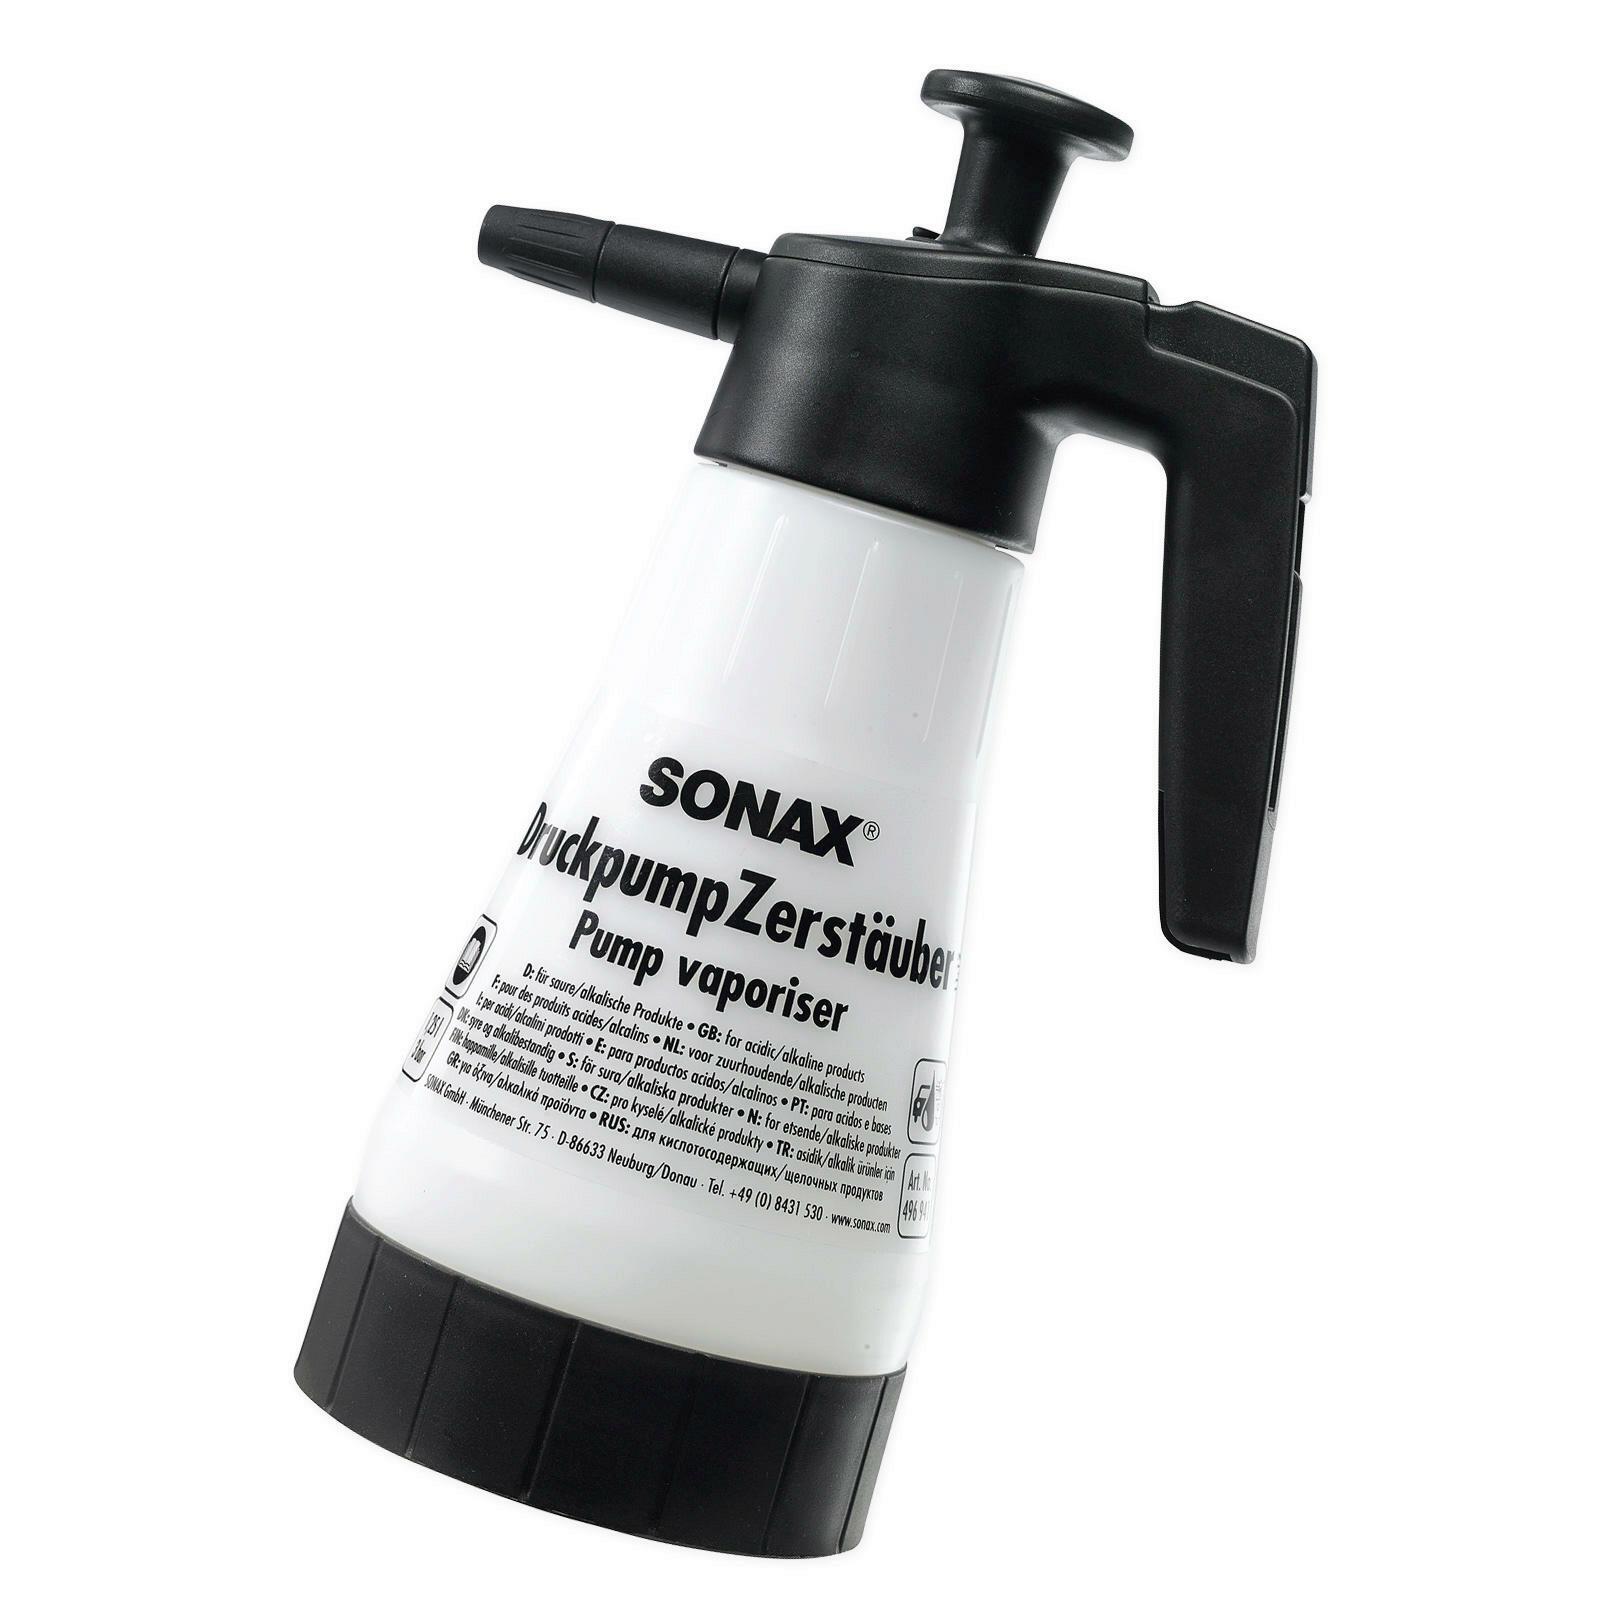 SONAX DruckpumpZerstäuber für saure/alkalische Produkte